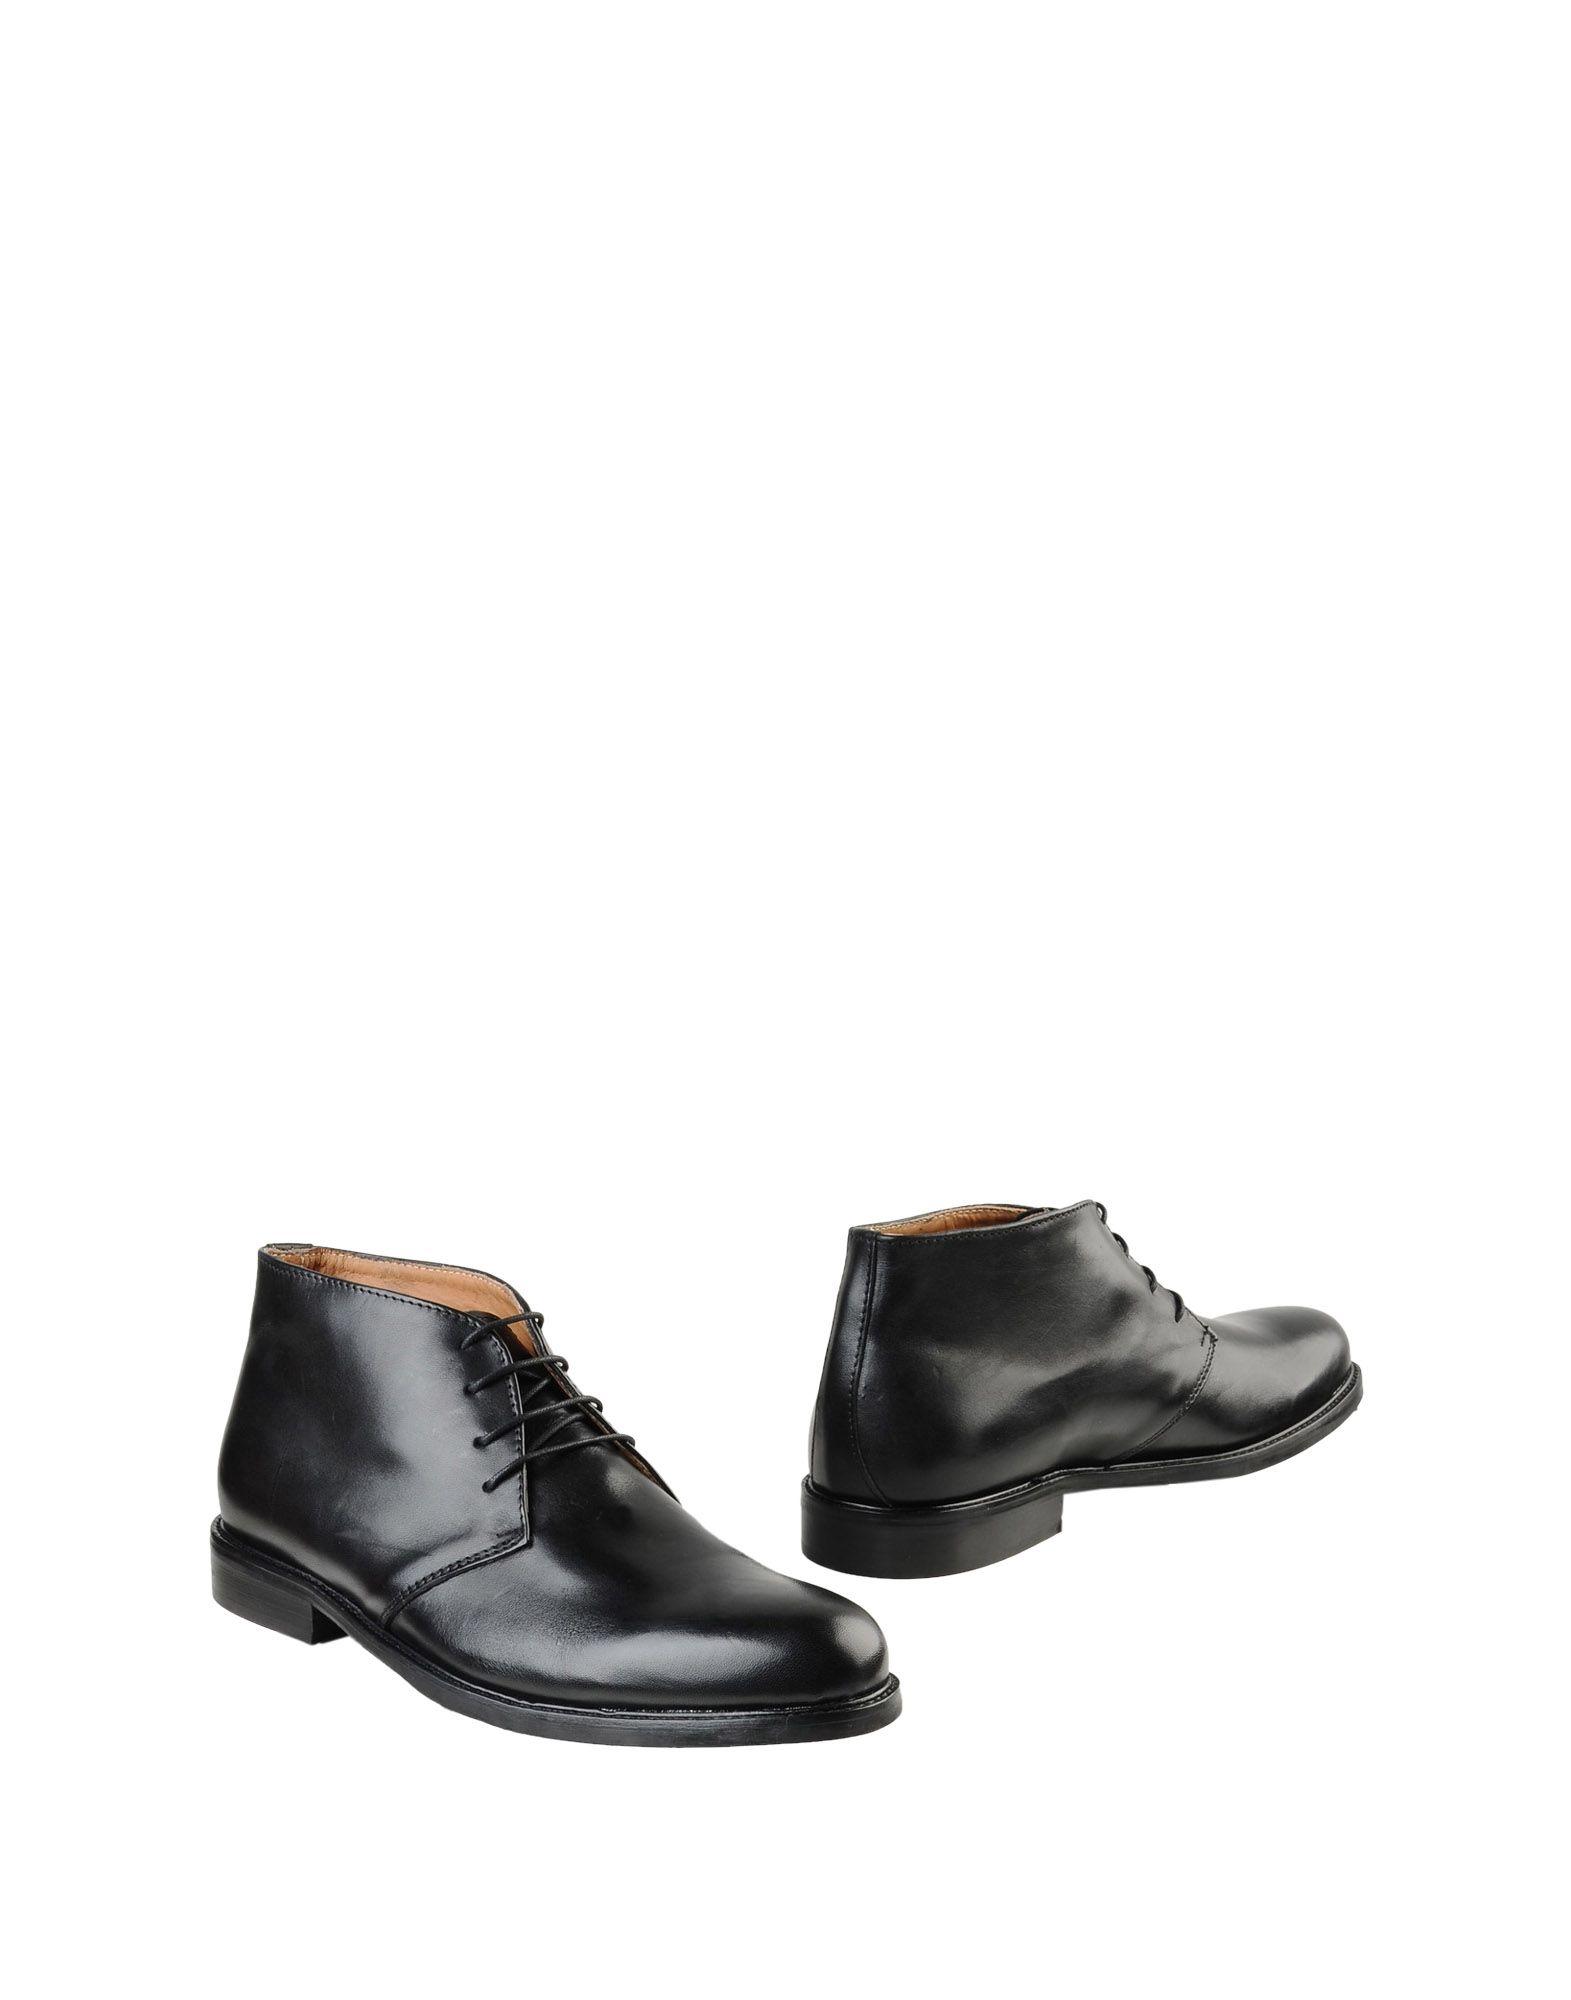 Leonardo Principi Stiefelette Herren  11541905LI Gute Qualität beliebte Schuhe